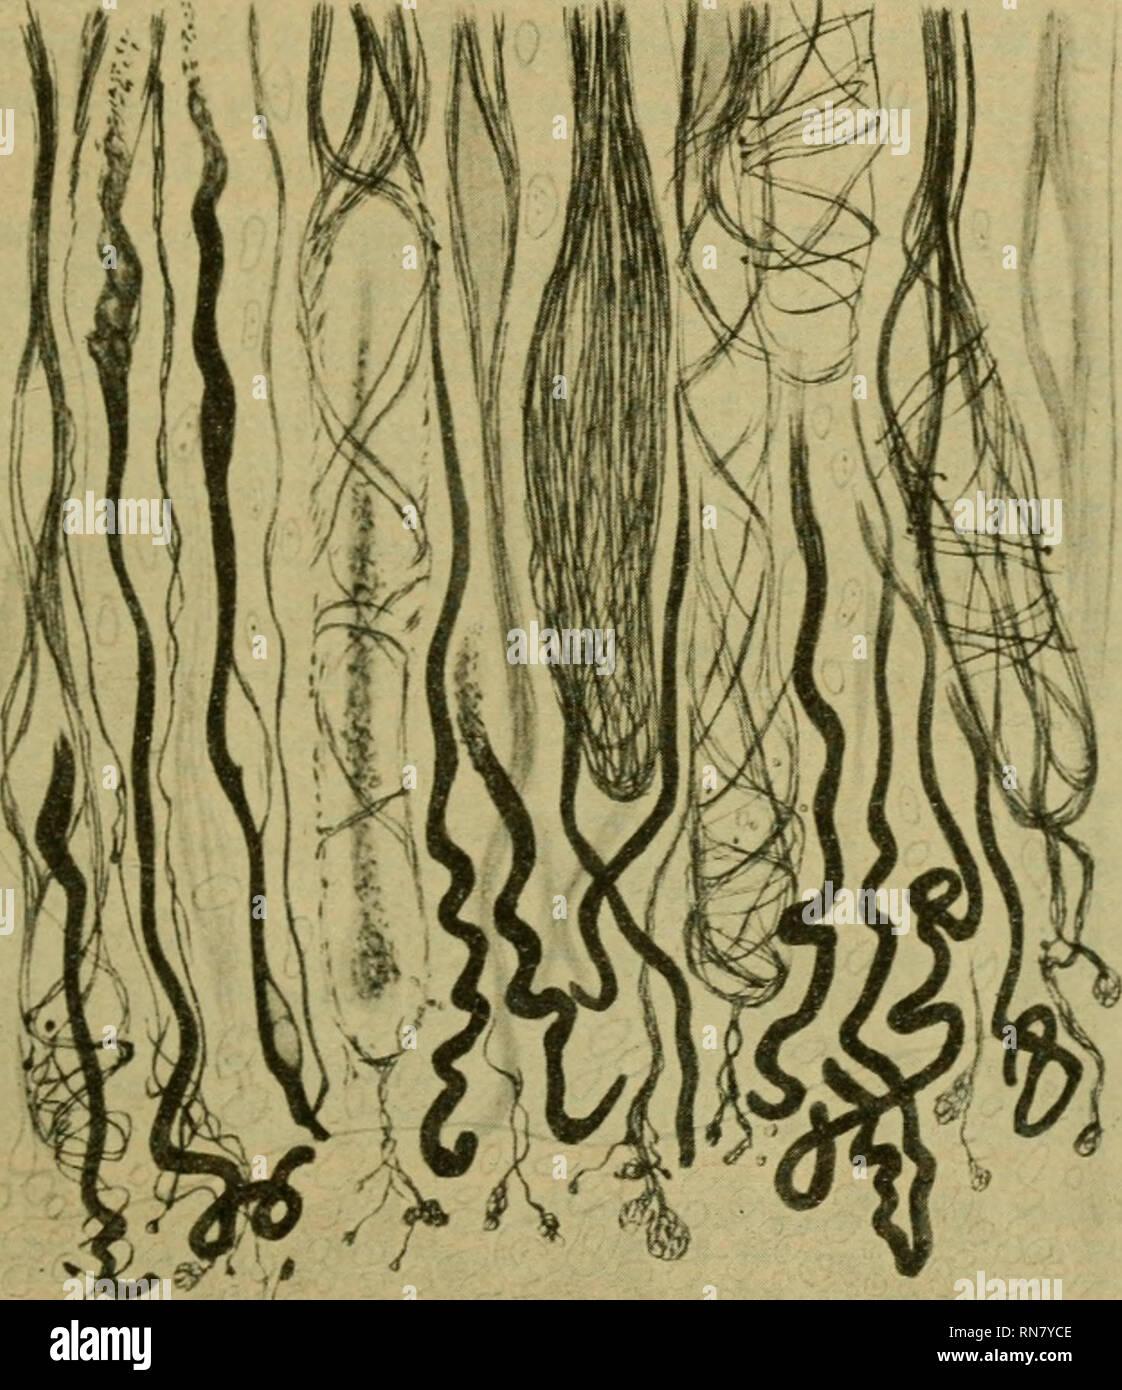 """. Anatomischer Anzeiger. Anatomy, Comparative; Anatomy, Comparative. 227 ahmen. In den Mitteilungen des Frankfurter physikalischen Ver- eins von 1865 hat Böttger als solche ,,baum- und strauchartige Metallsalz-Vegetationen"""" beschrieben, welche nach Einbringen verschiedener Metallsalzkristalle in Wasserglas in jenem sofort aus- wachsen. Eine ganze Literatur ist darüber erwachsen. Die Mor- phologie hat davon besonders Notiz genommen, als Leduc durch . Fig. 3 (zu vgl. mit Fig. 2). Aus dem zentralen Ende eines vor 50 St. durch- schnittenen Nerven. Nach S. R. y Cajal. solche SiUkatgewächse di - Stock Image"""